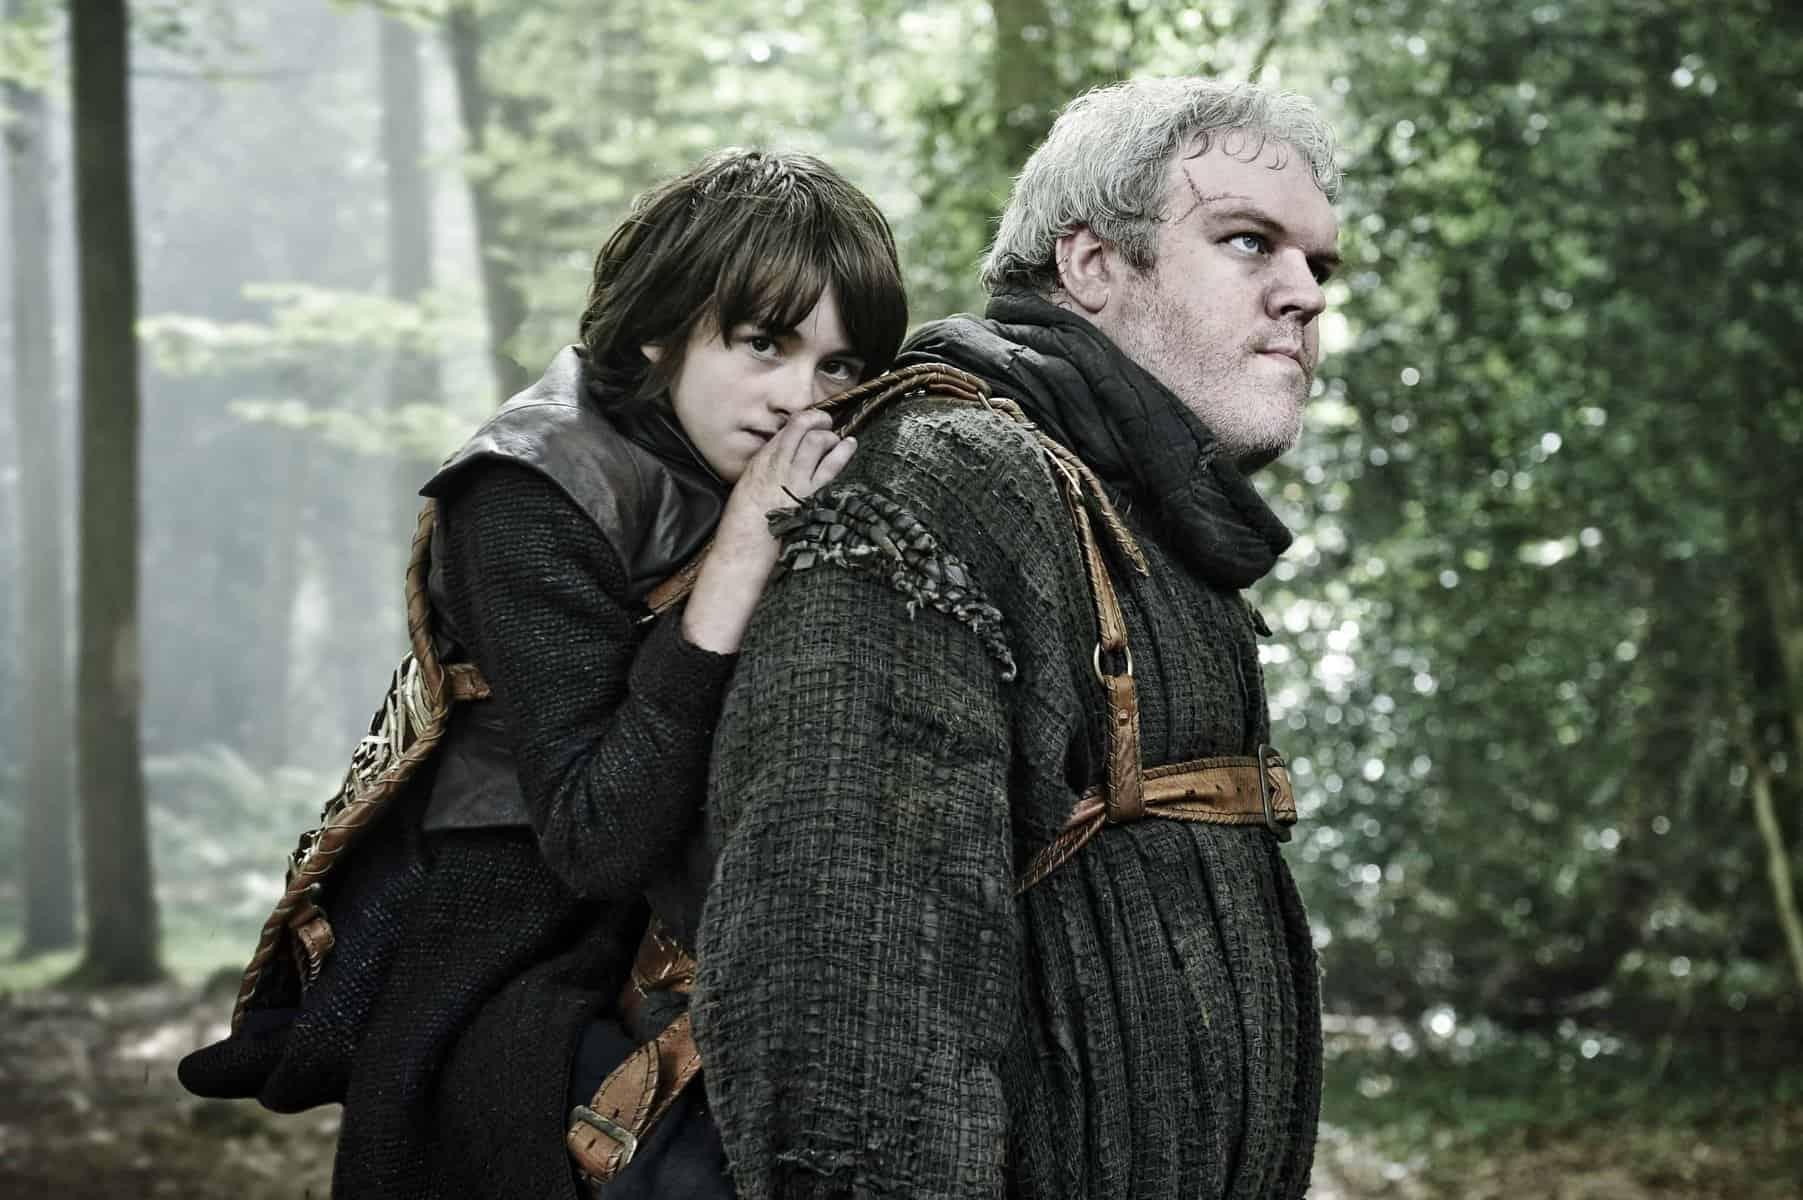 Les personnages Bran et Hodor dans la série Game of Thrones